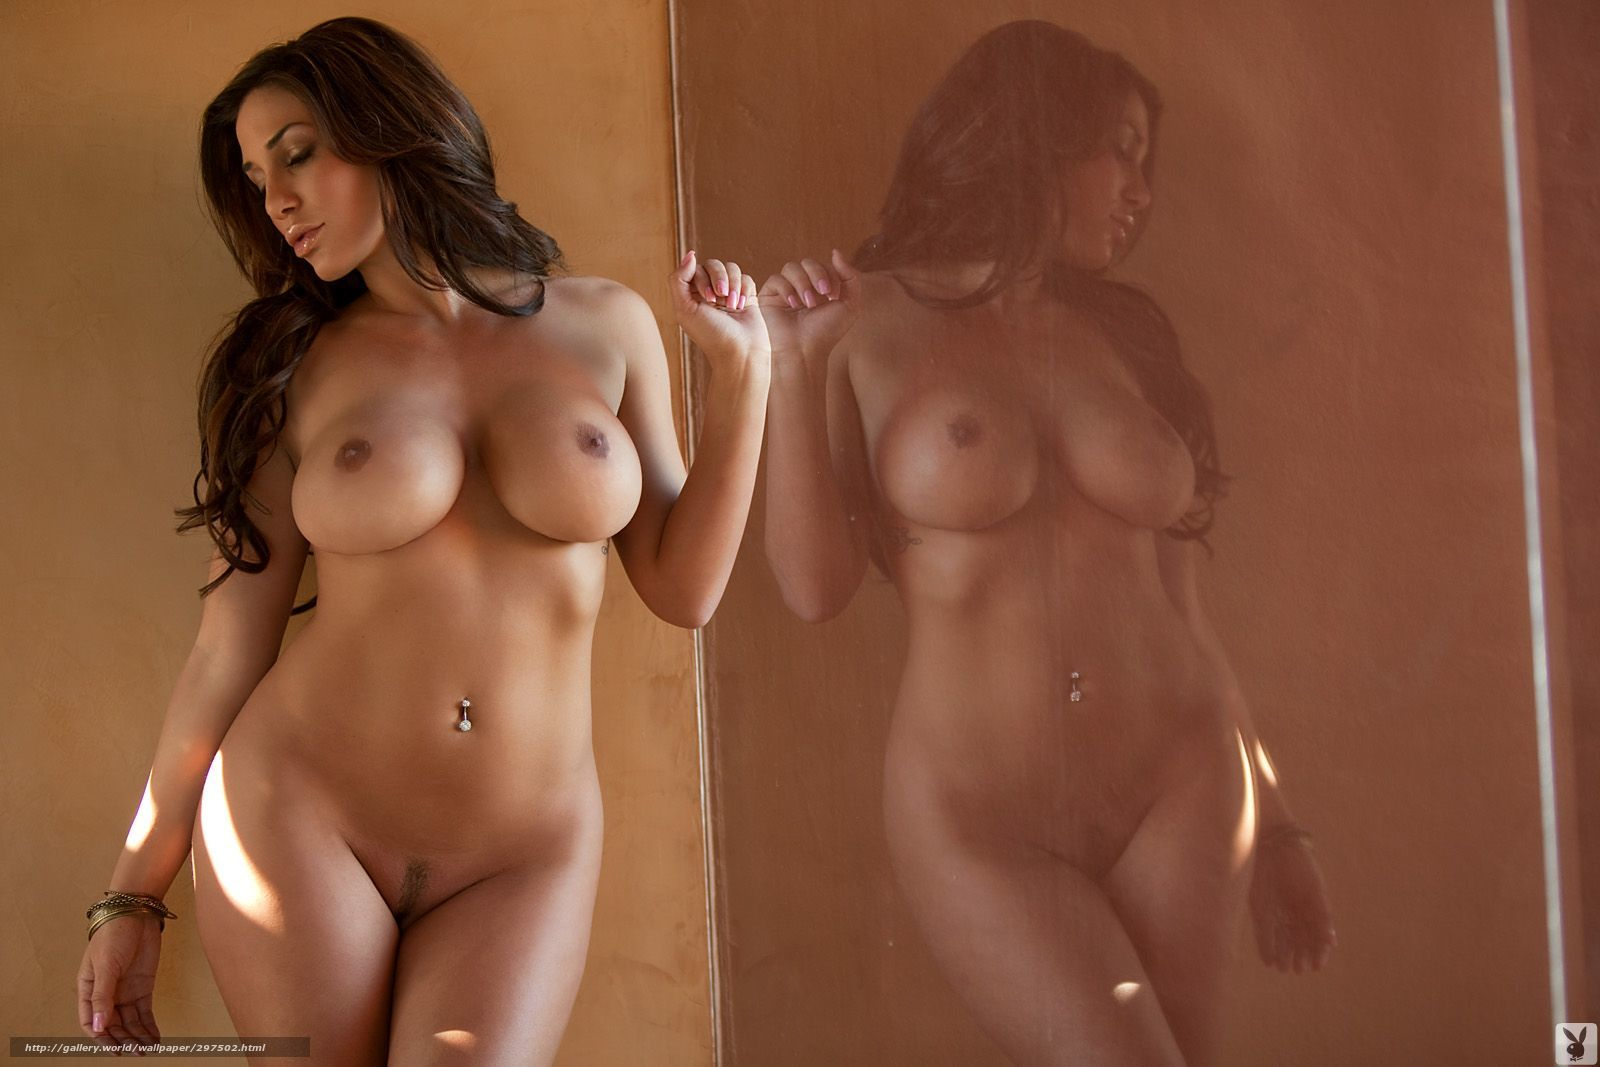 Пышные женщины голые красивые и амбициозные фото 2 фотография